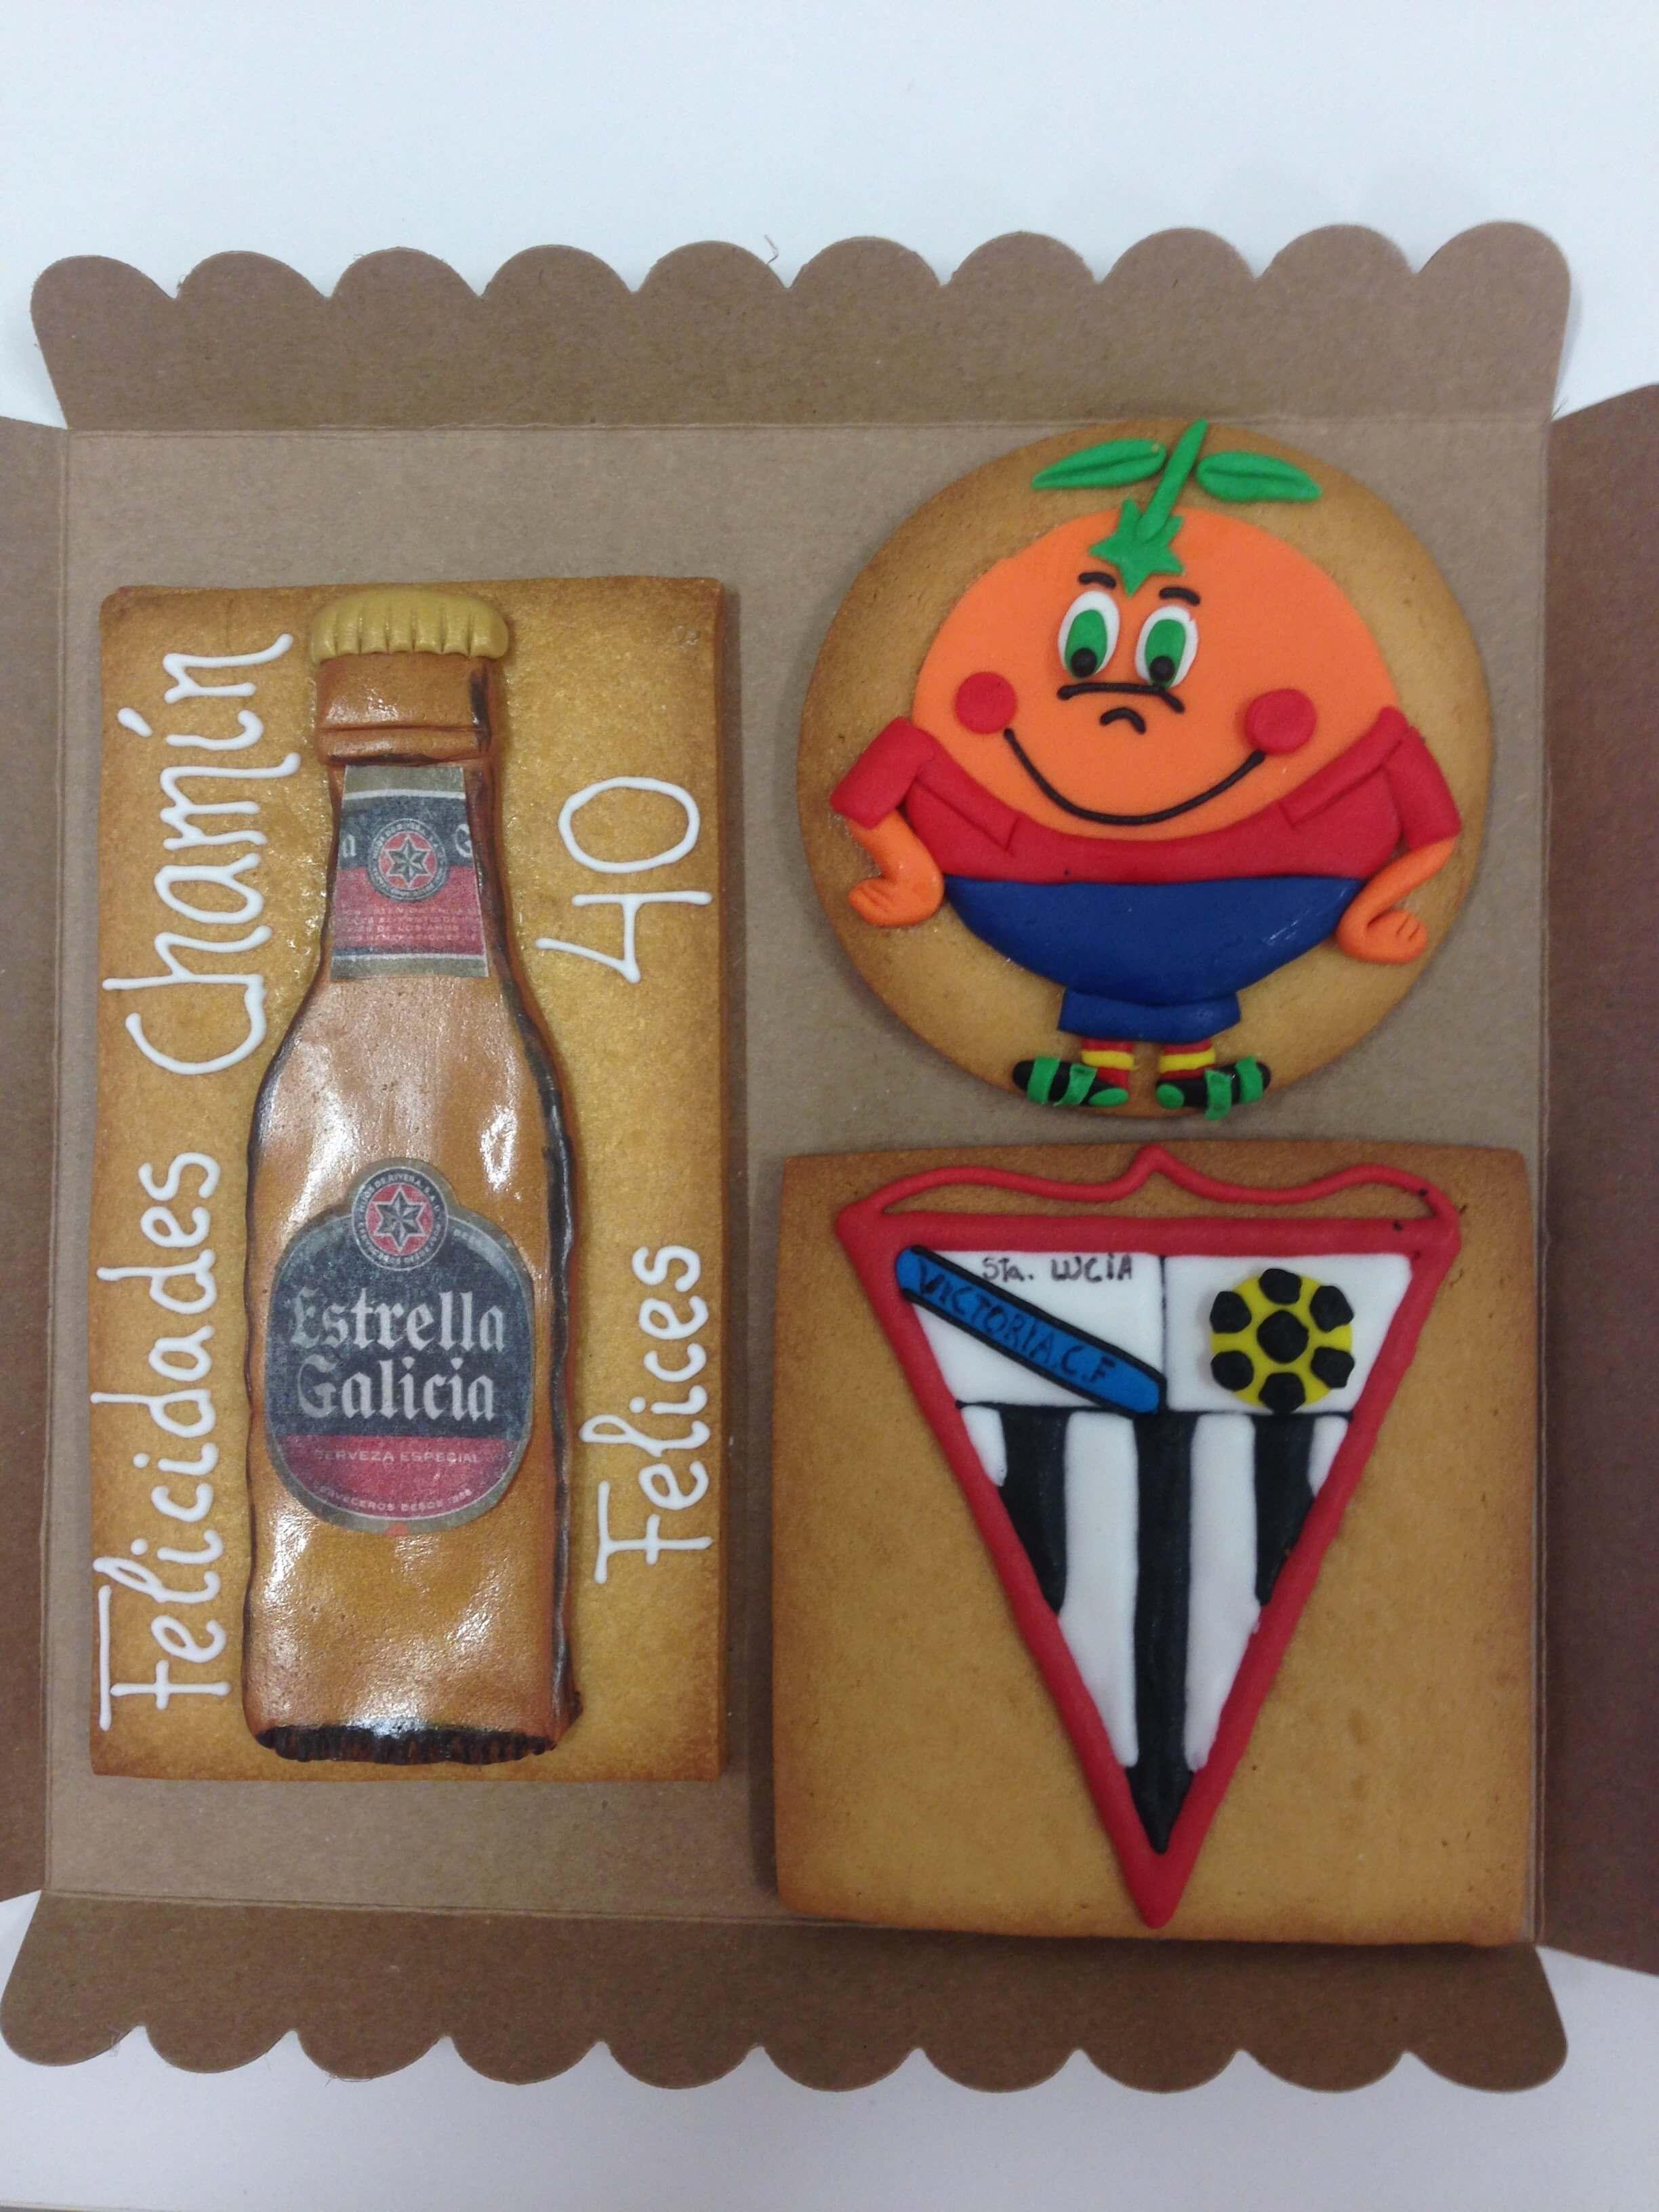 Galletas personalizadas cumpleaños naranjito estrella galicia deportes futbol botella cerveza coruña